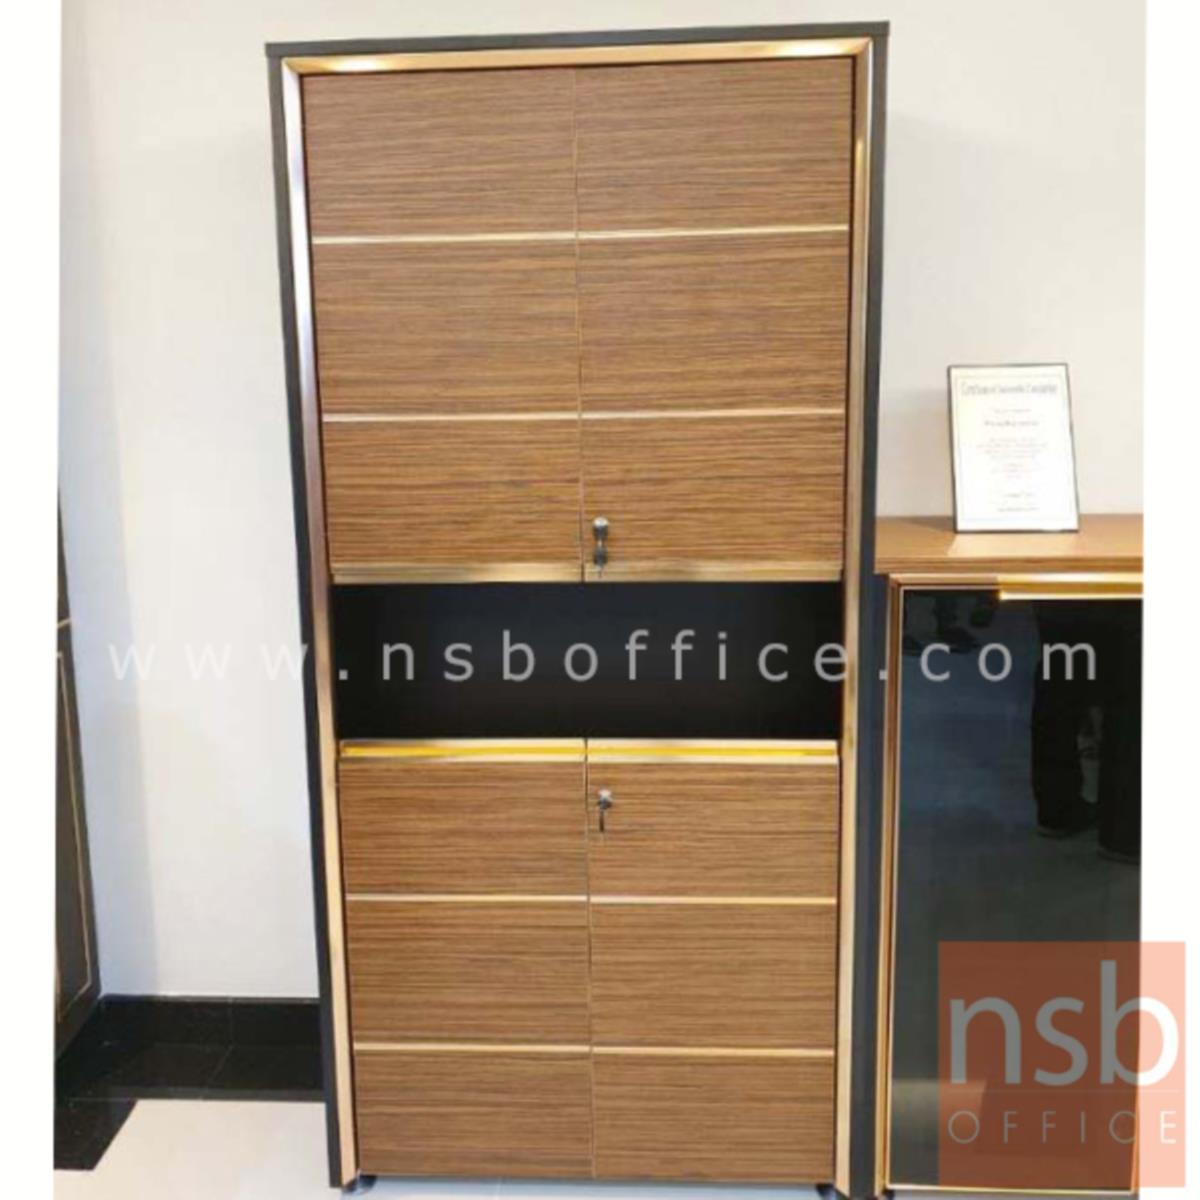 ตู้เอกสาร สูง 185 cm. 4 บานเปิด 1 ช่องโล่ง รุ่น Bombay (บอมเบย์)  สีลายไม้ซีบราโน่ตัดดำ ขอบ ROSEGOLD